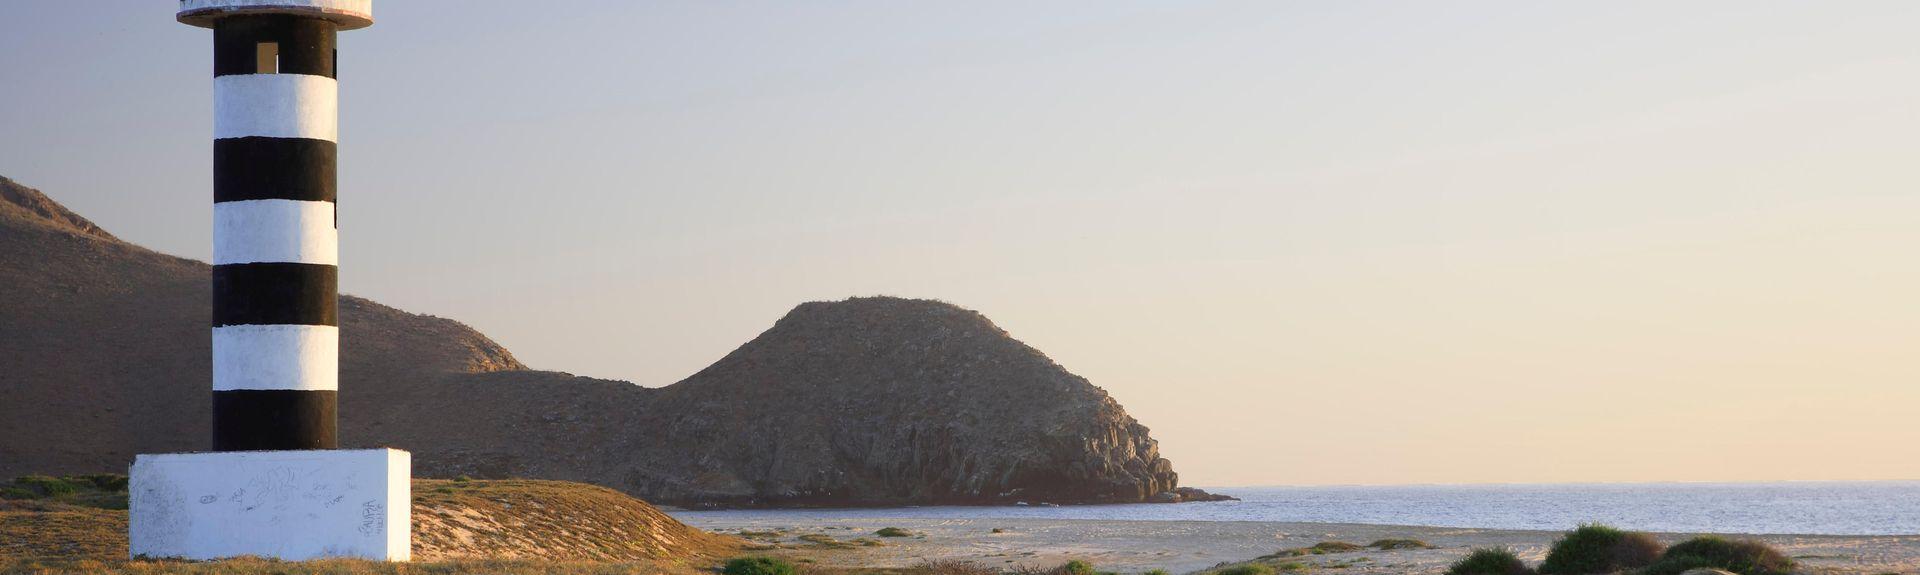 Todos Santos, Baja California Sur, México